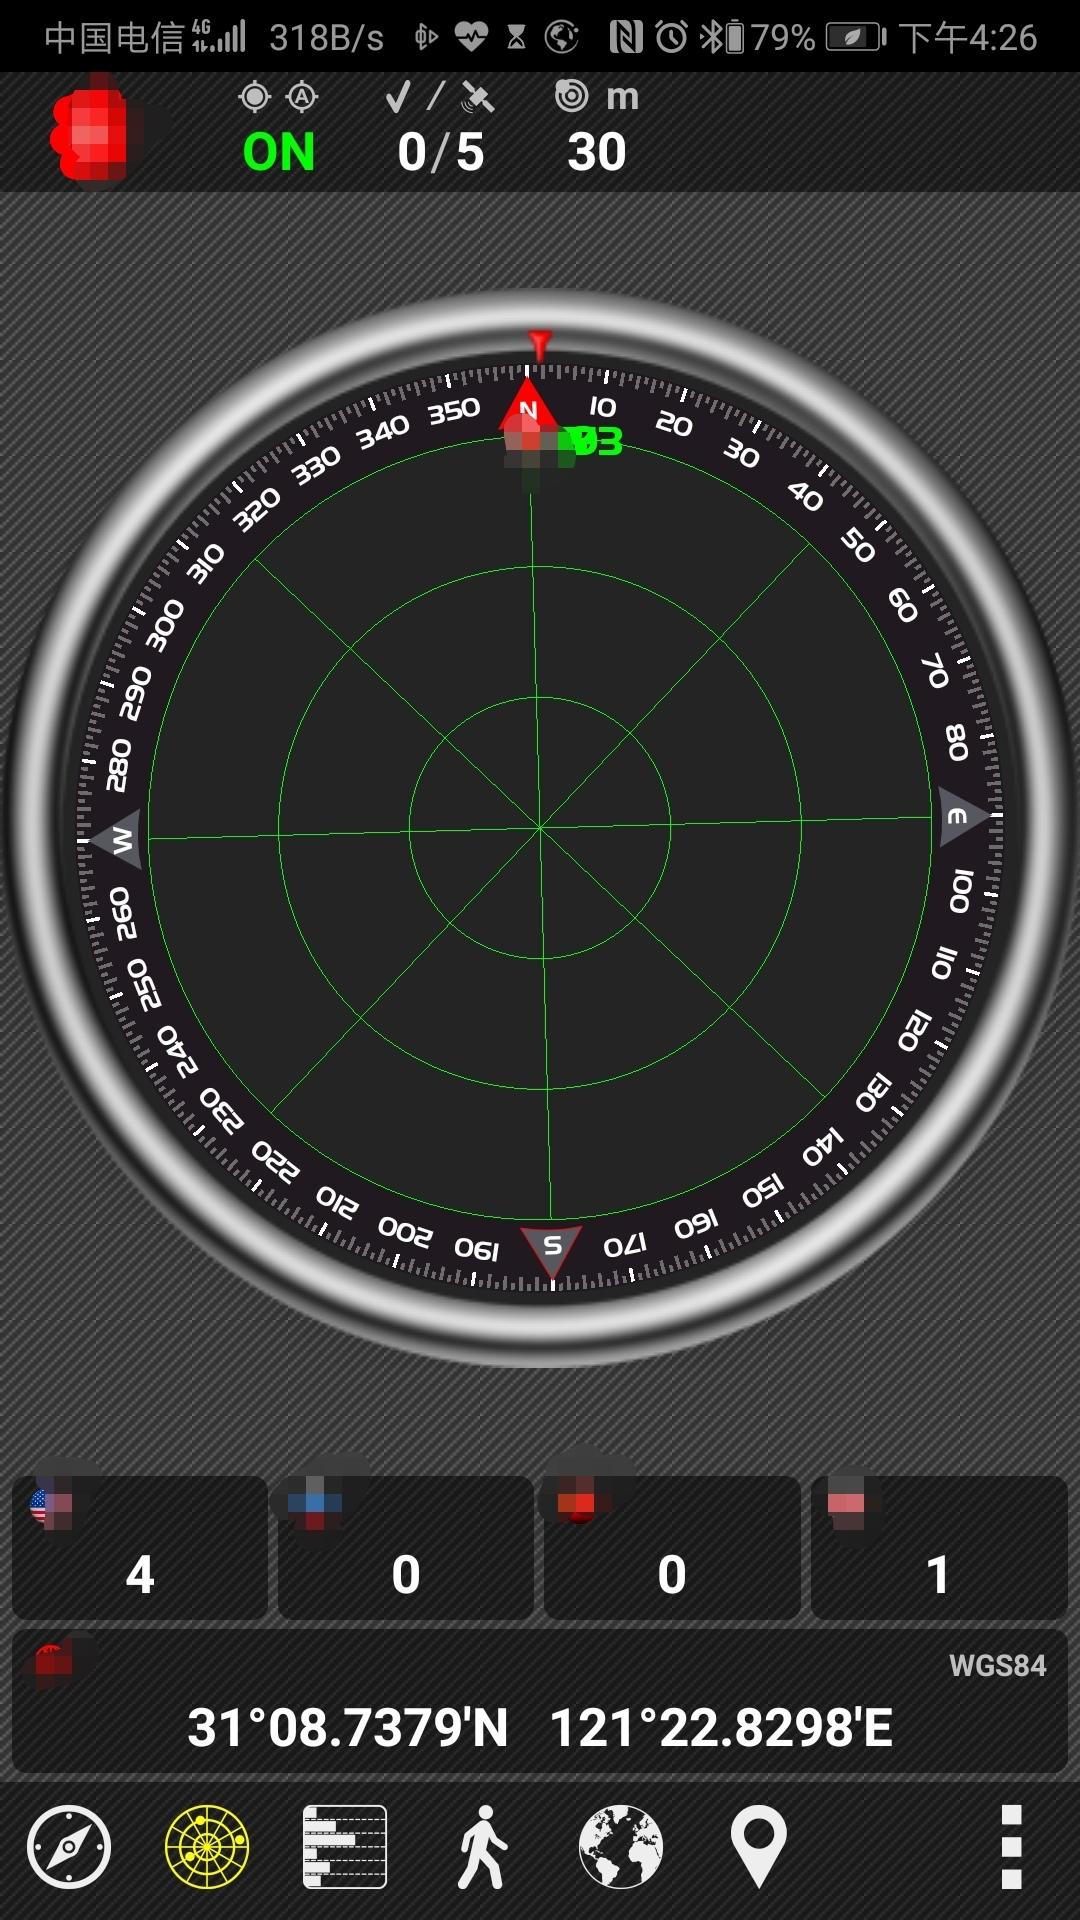 Screenshot_20200507_135525.jpg